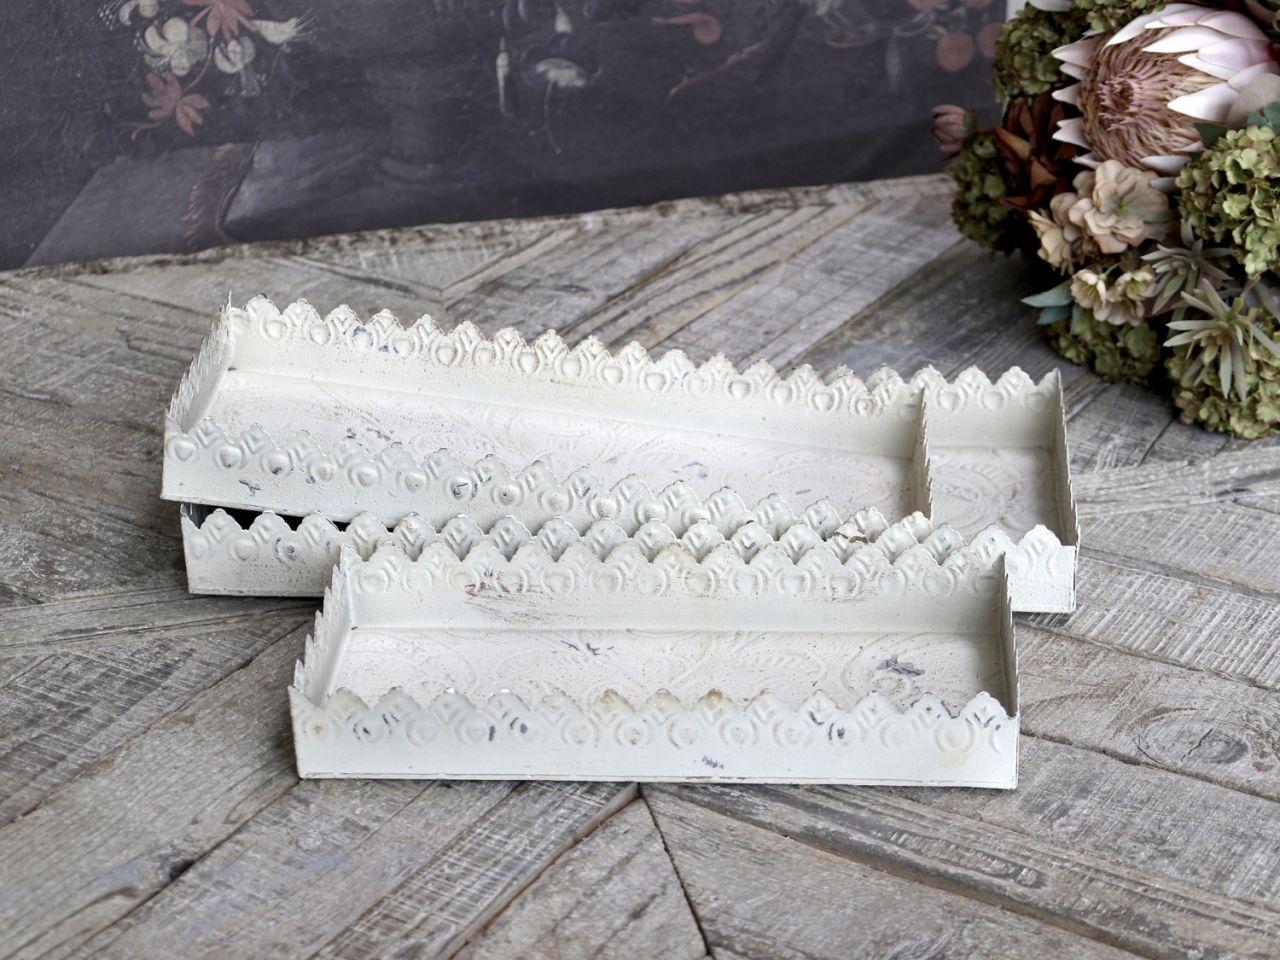 -Tablett mit Muster und Dekorkante -Creme- 3er Set von Chic Antique-